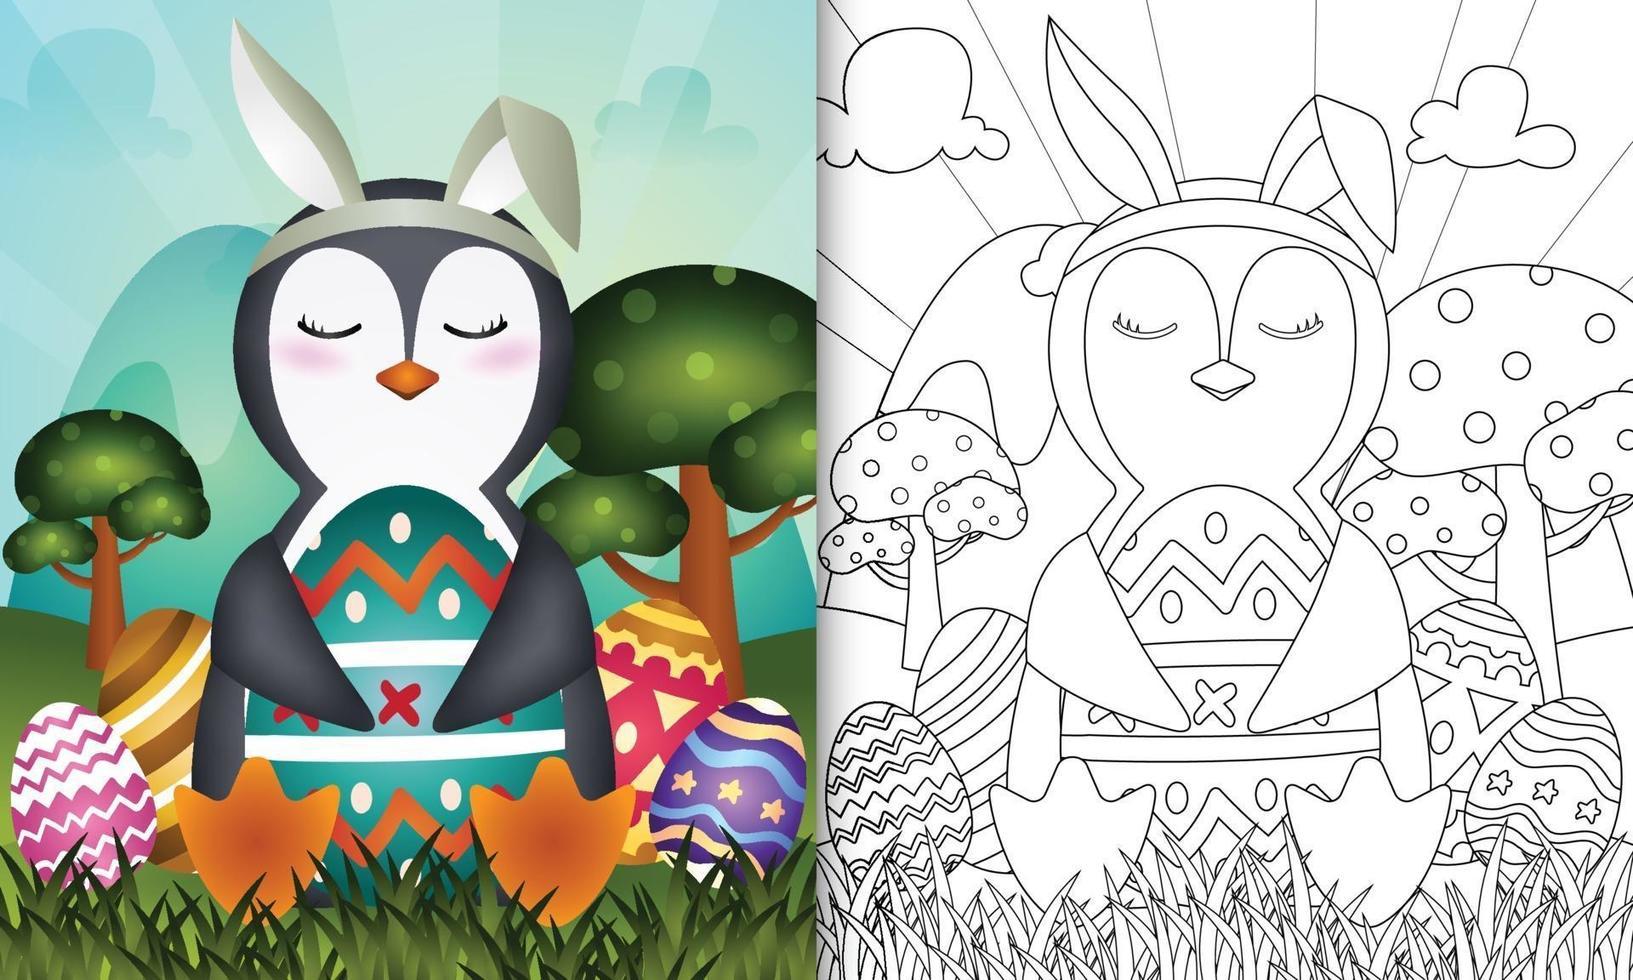 livro de colorir para crianças com o tema Páscoa com um pinguim fofo usando orelhas de coelho vetor